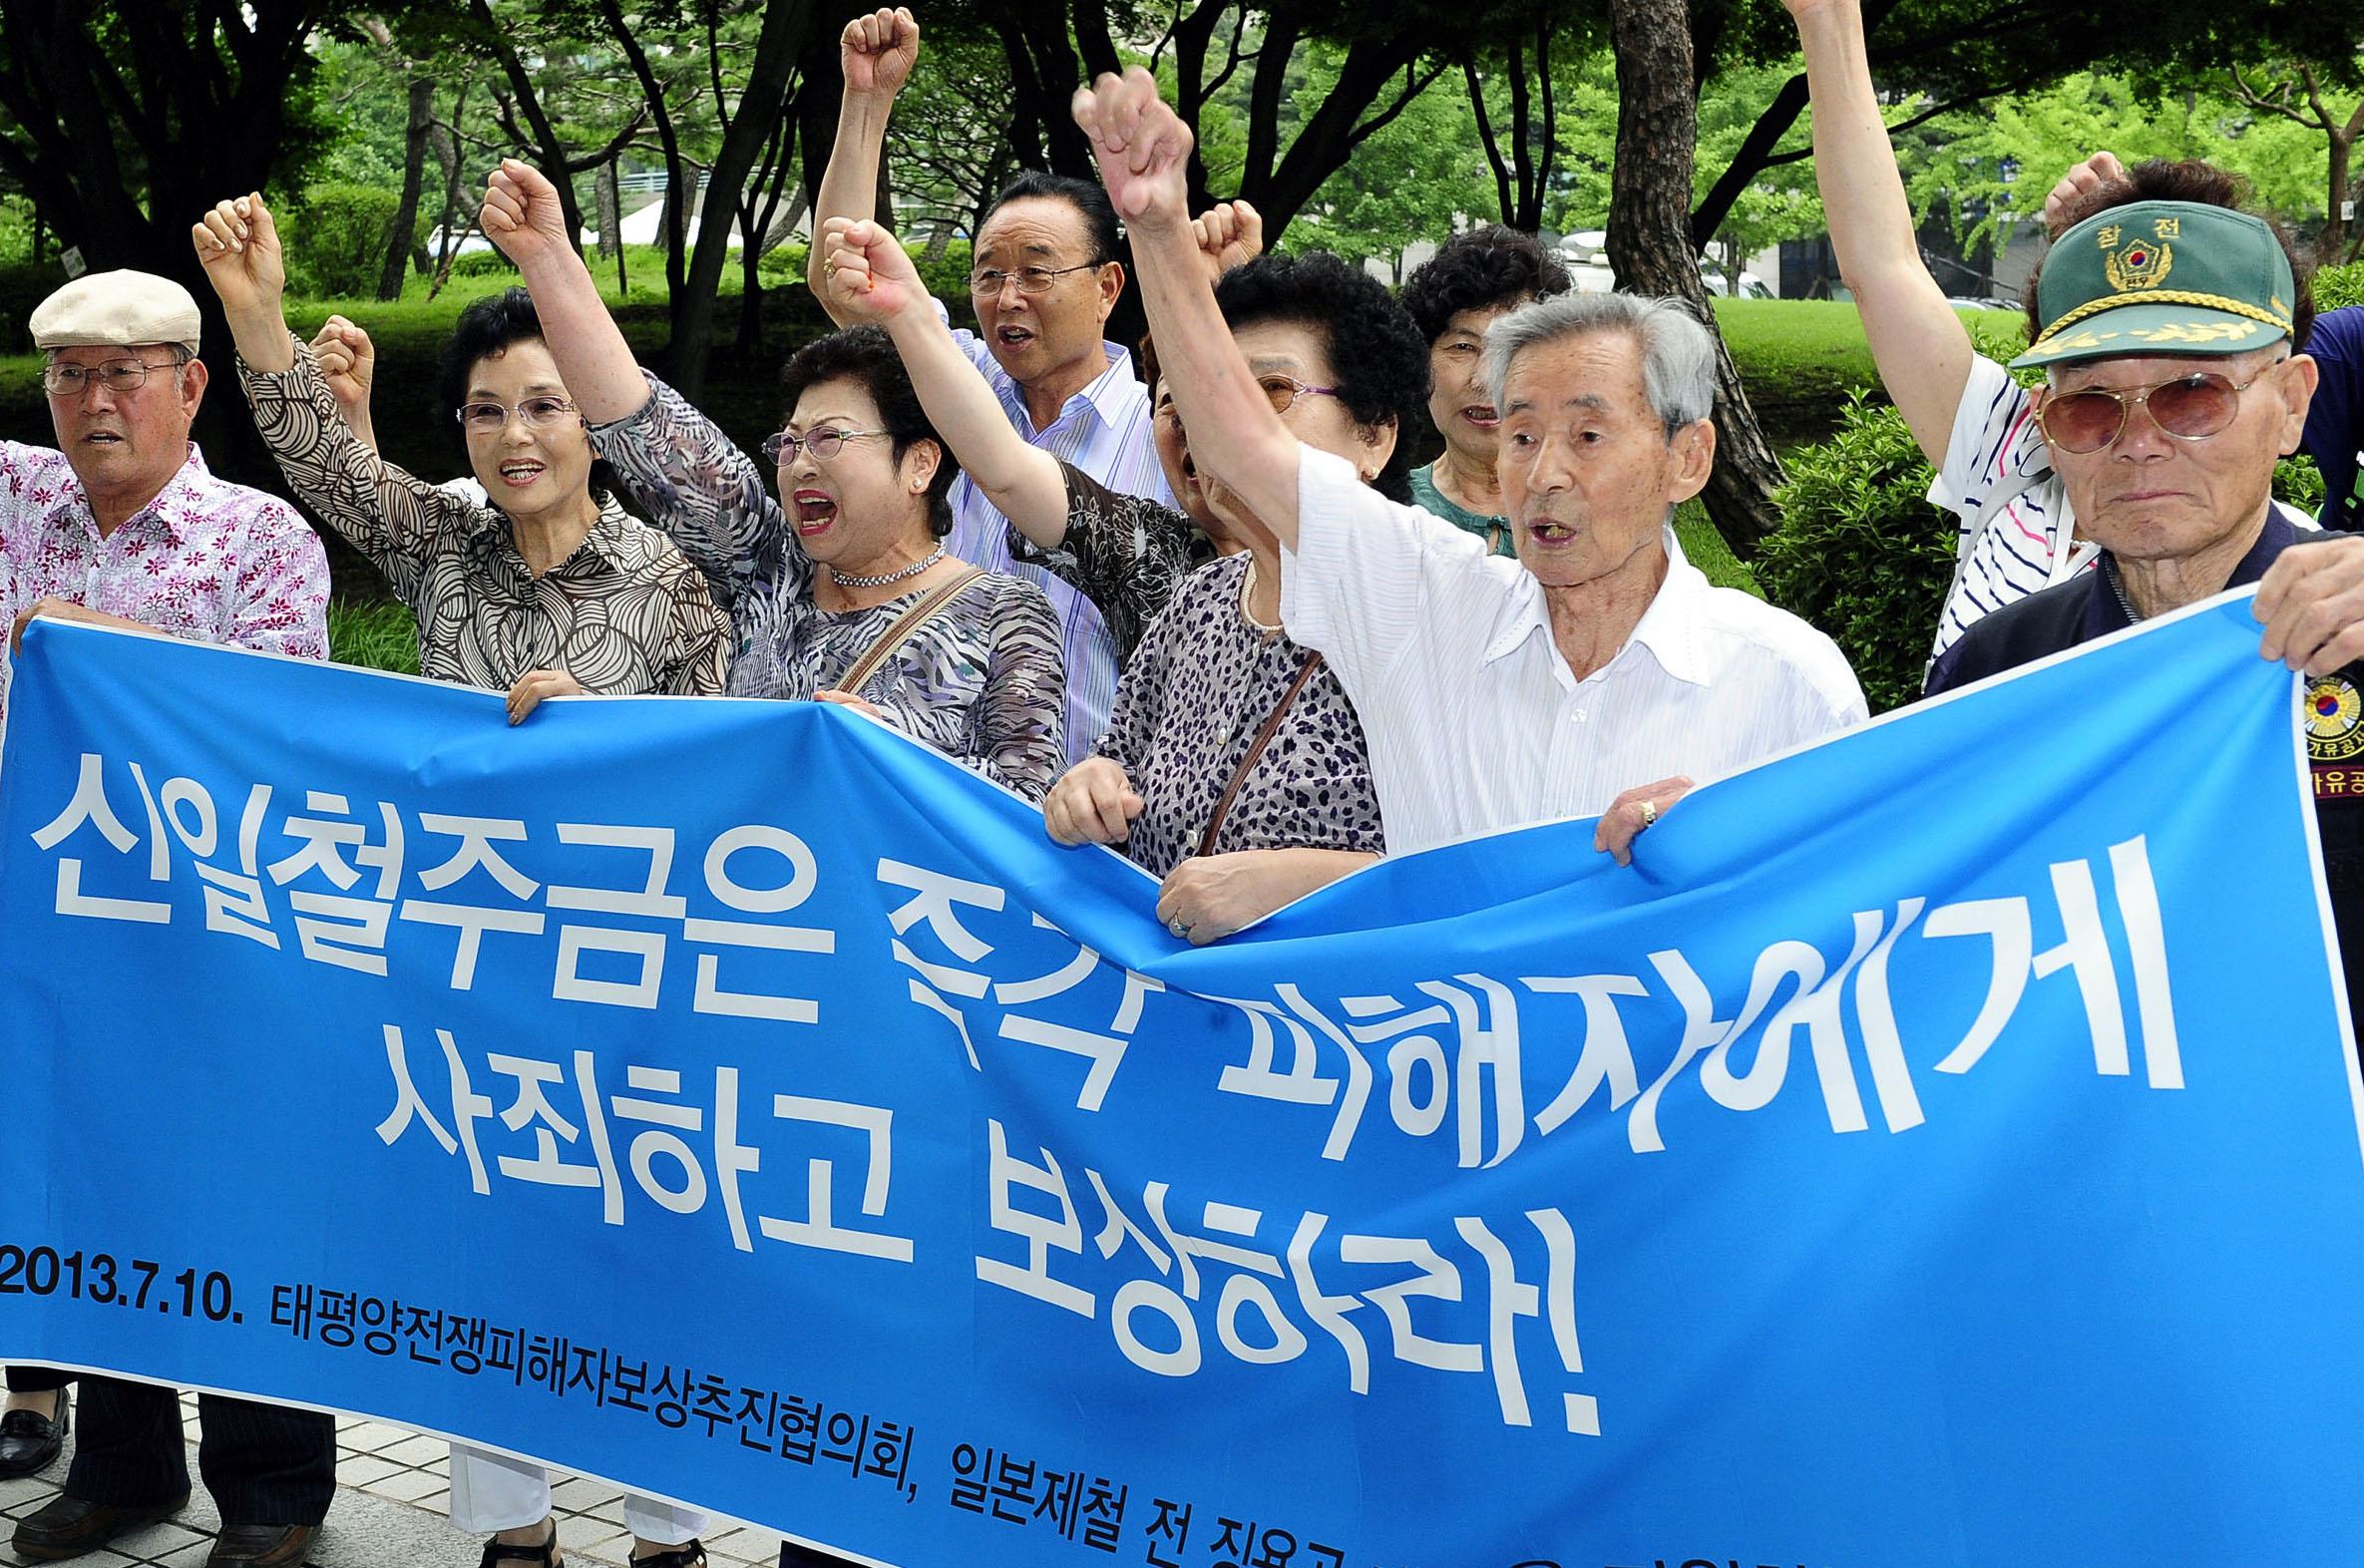 【徴用工問題】沈黙続ける韓国大統領府『国務総理室に任せてある。我々は関与しない』➝ほらでたwww